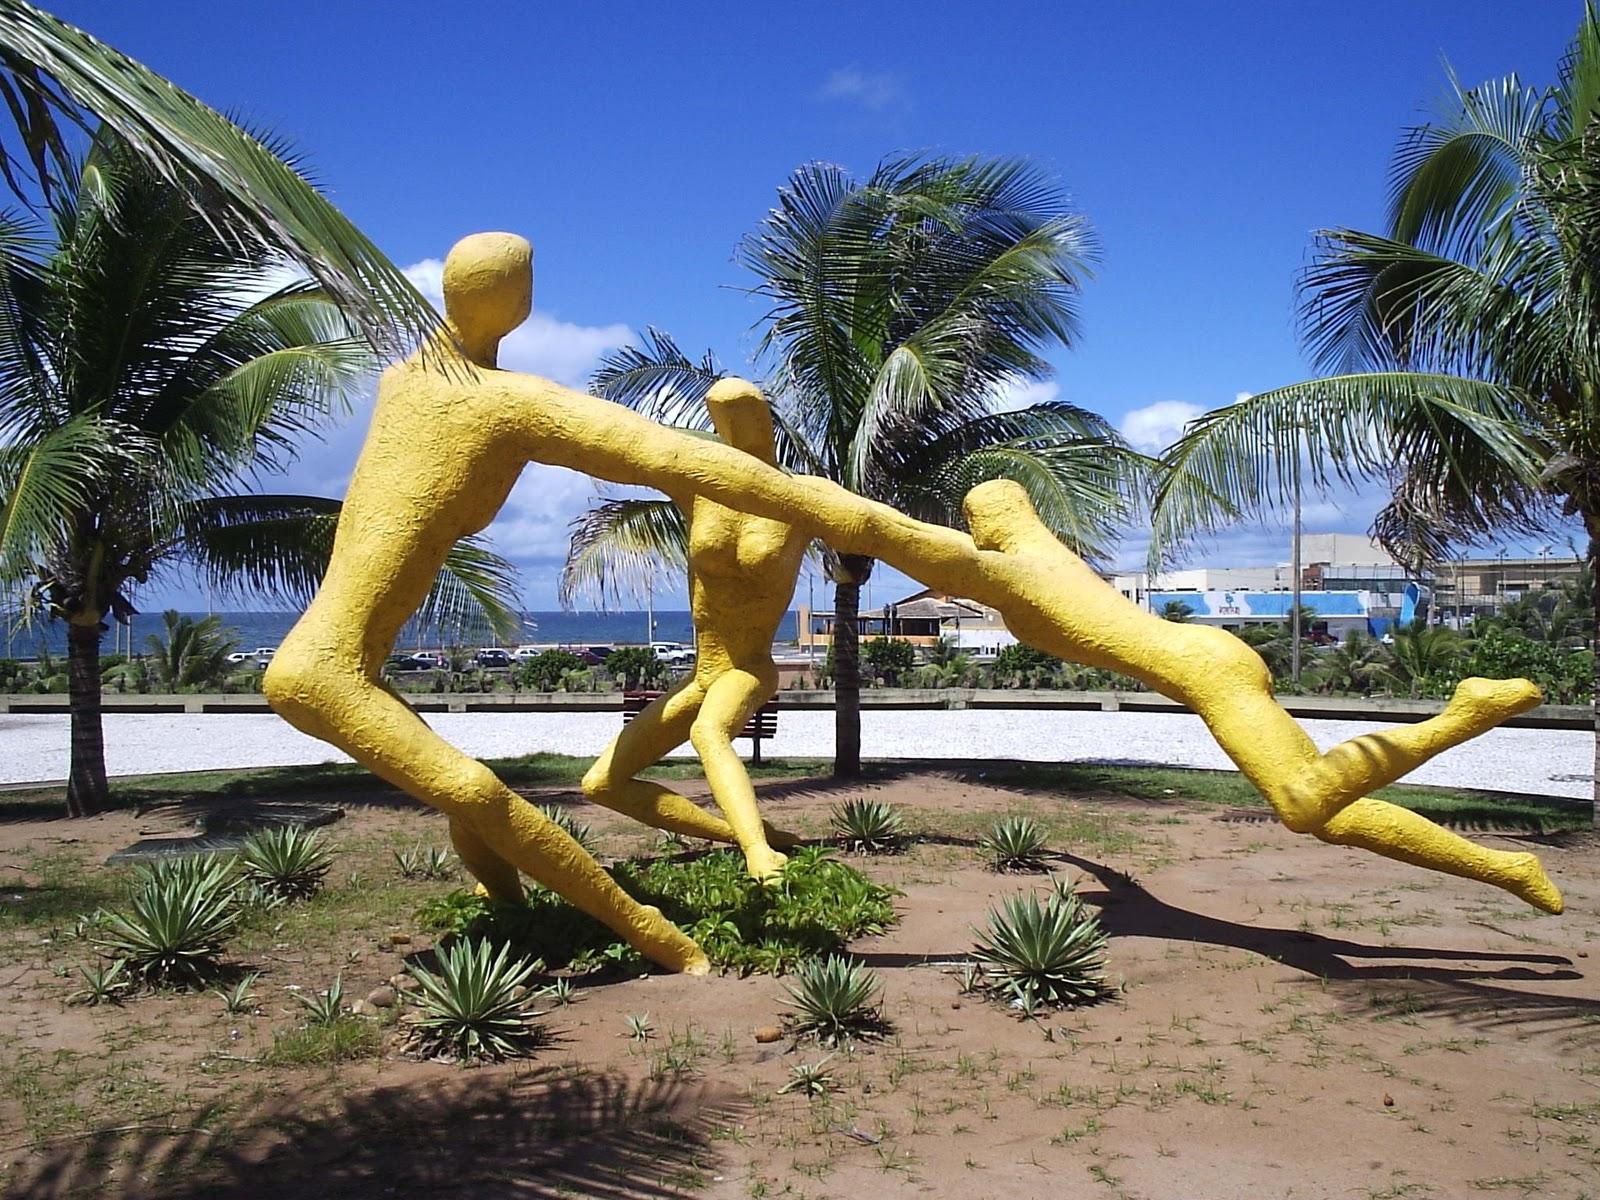 #AC951F RADIOTWITTIDADE: PARQUE COSTA AZUL 1600x1200 px Banheiro Do Parque Costa Azul 3345